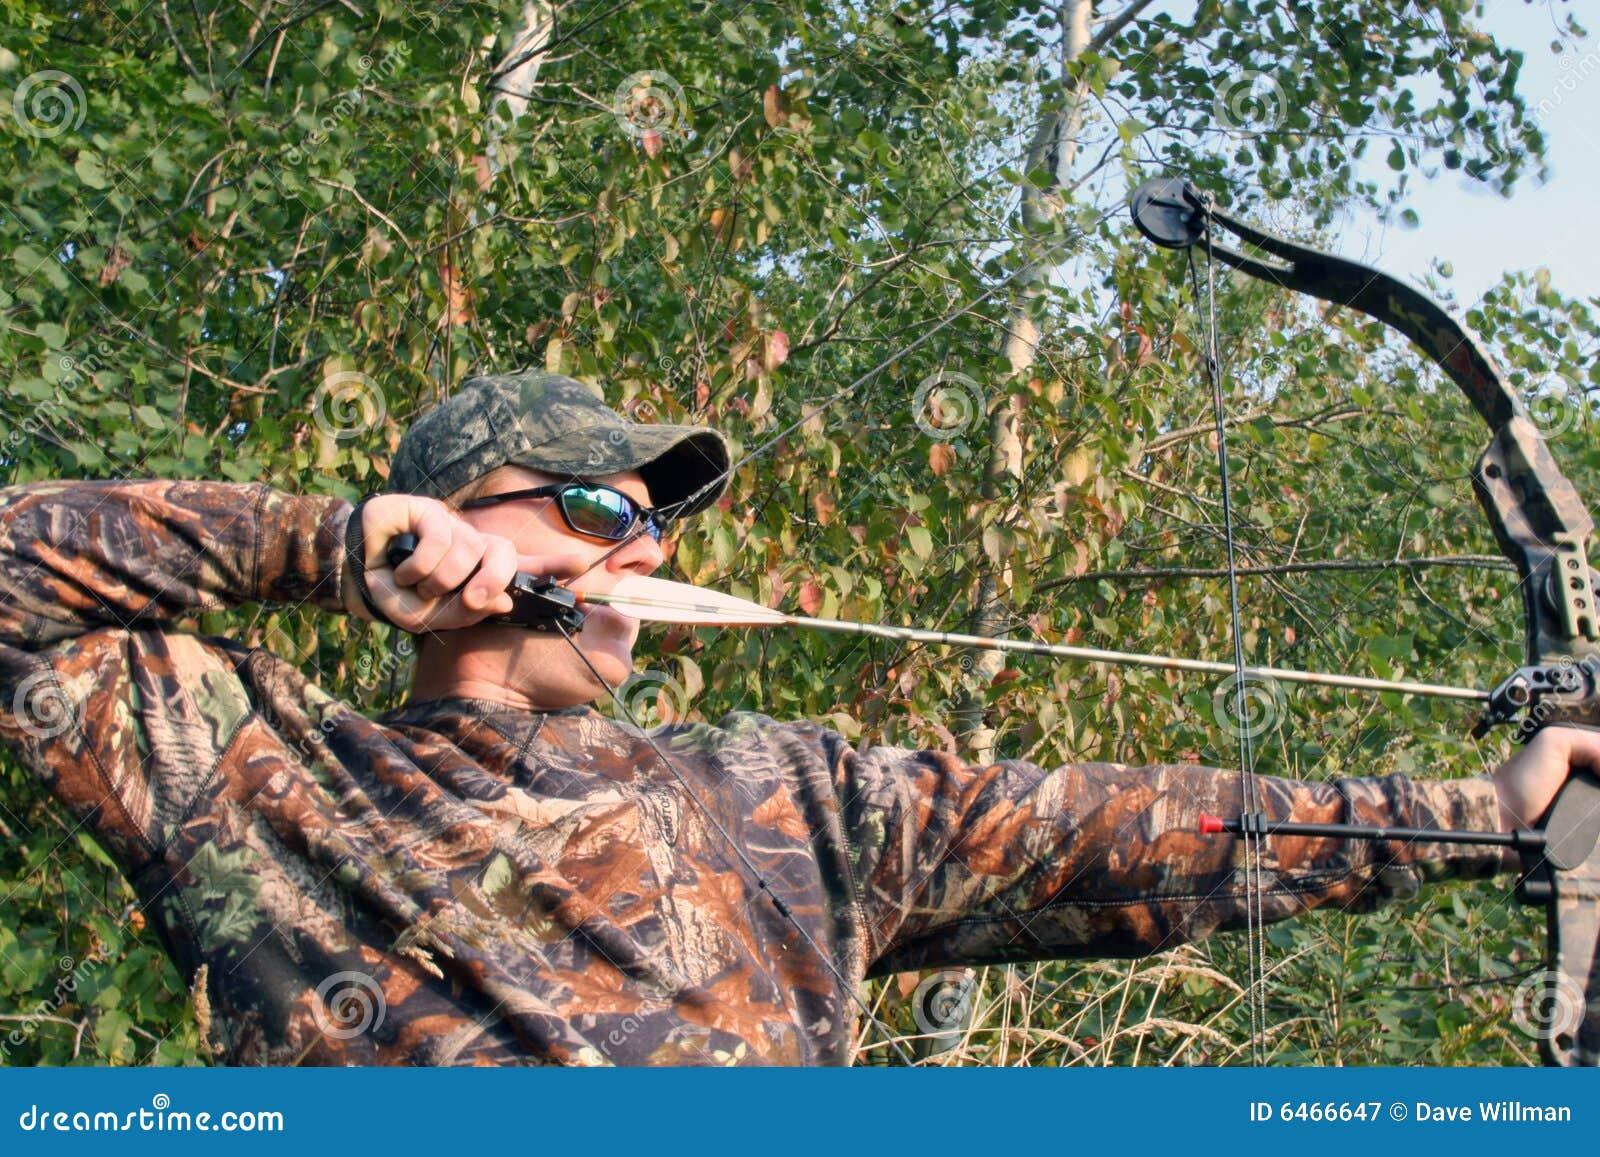 Cammo hunter bow